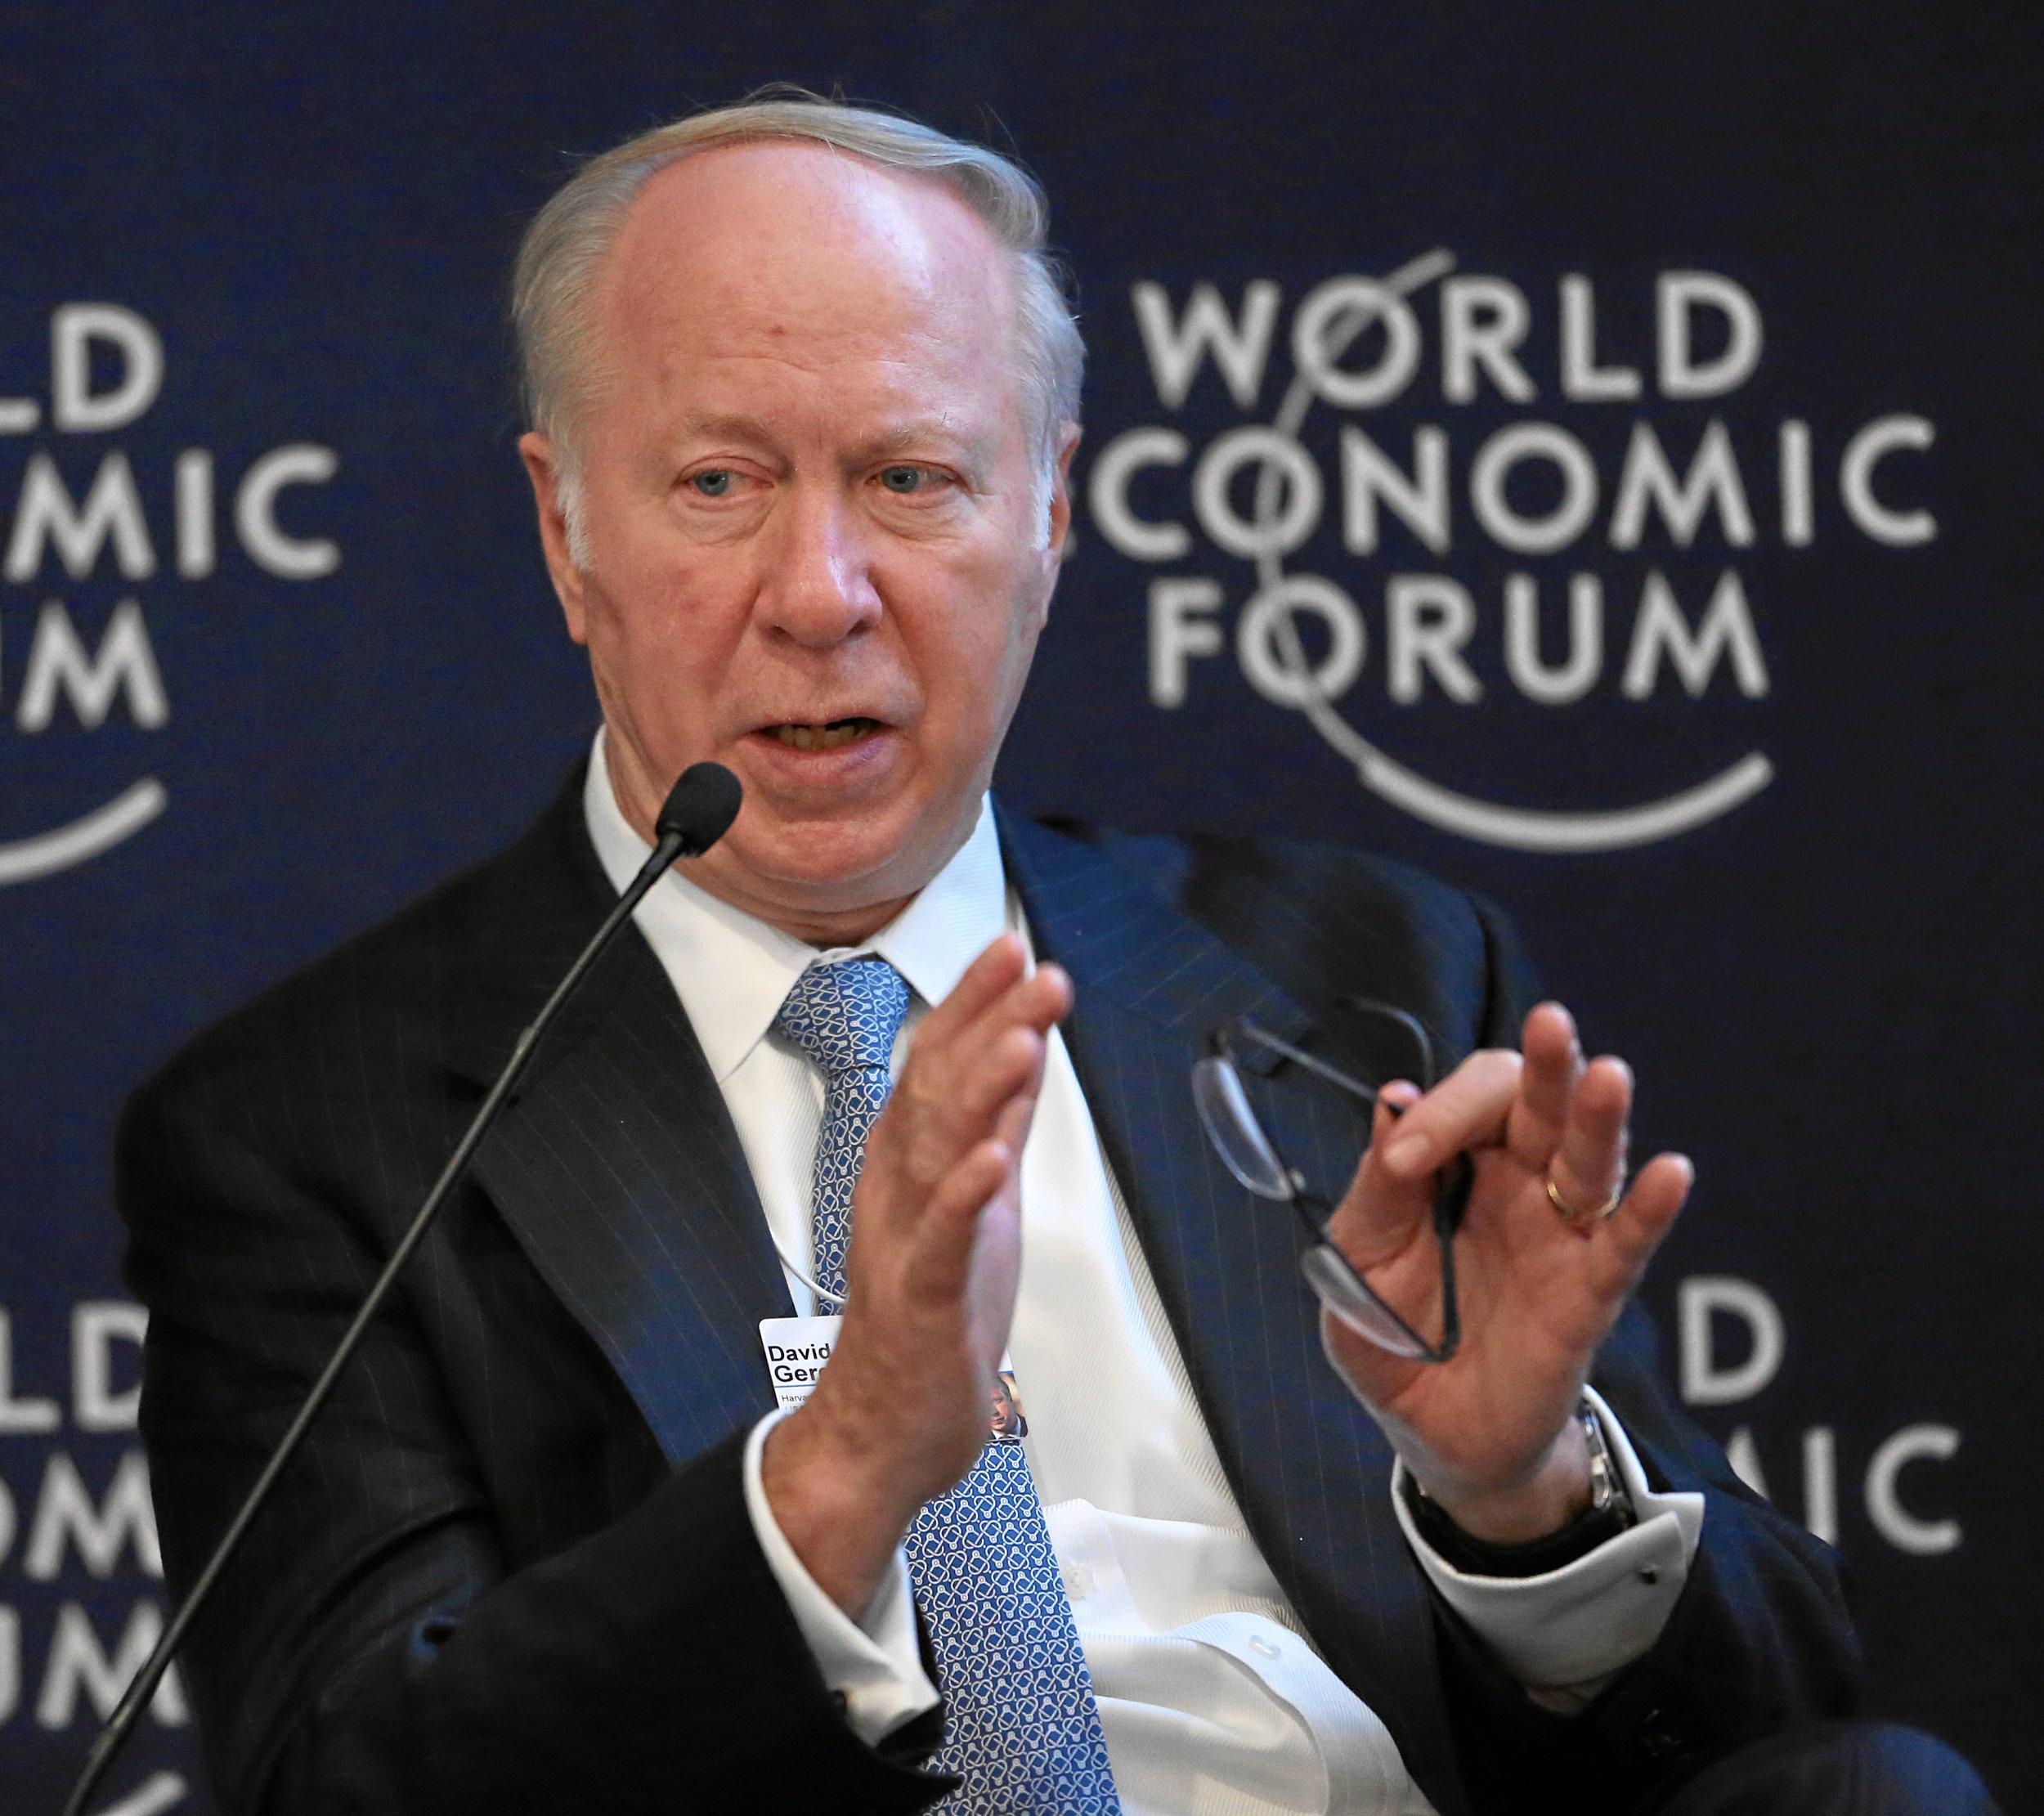 David_Gergen_World_Economic_Forum_2013.jpg